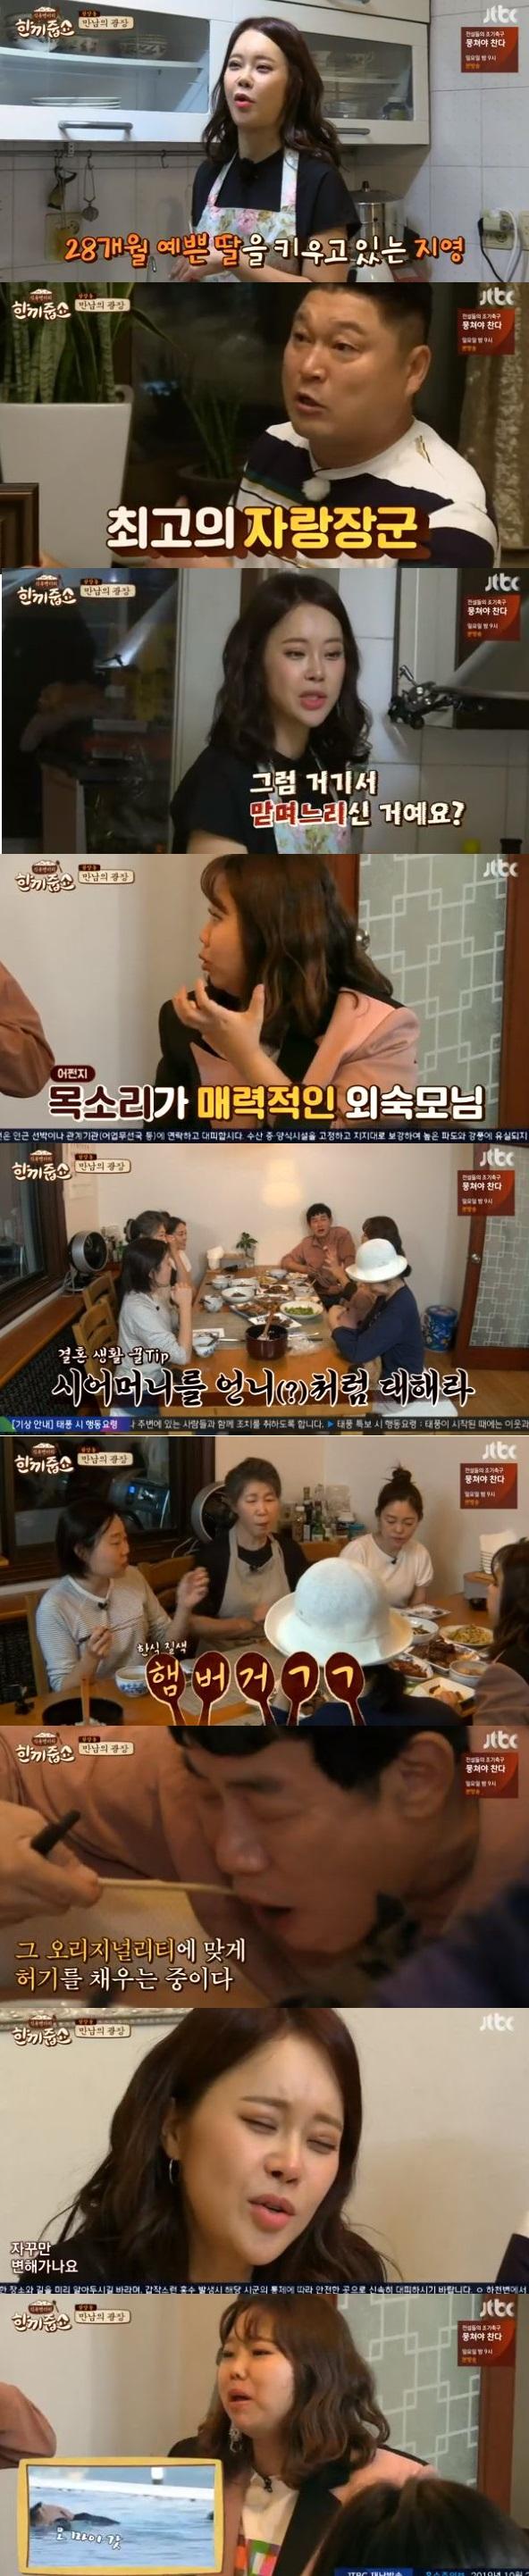 백지영 홍현희 / JTBC '한끼줍쇼' 캡처